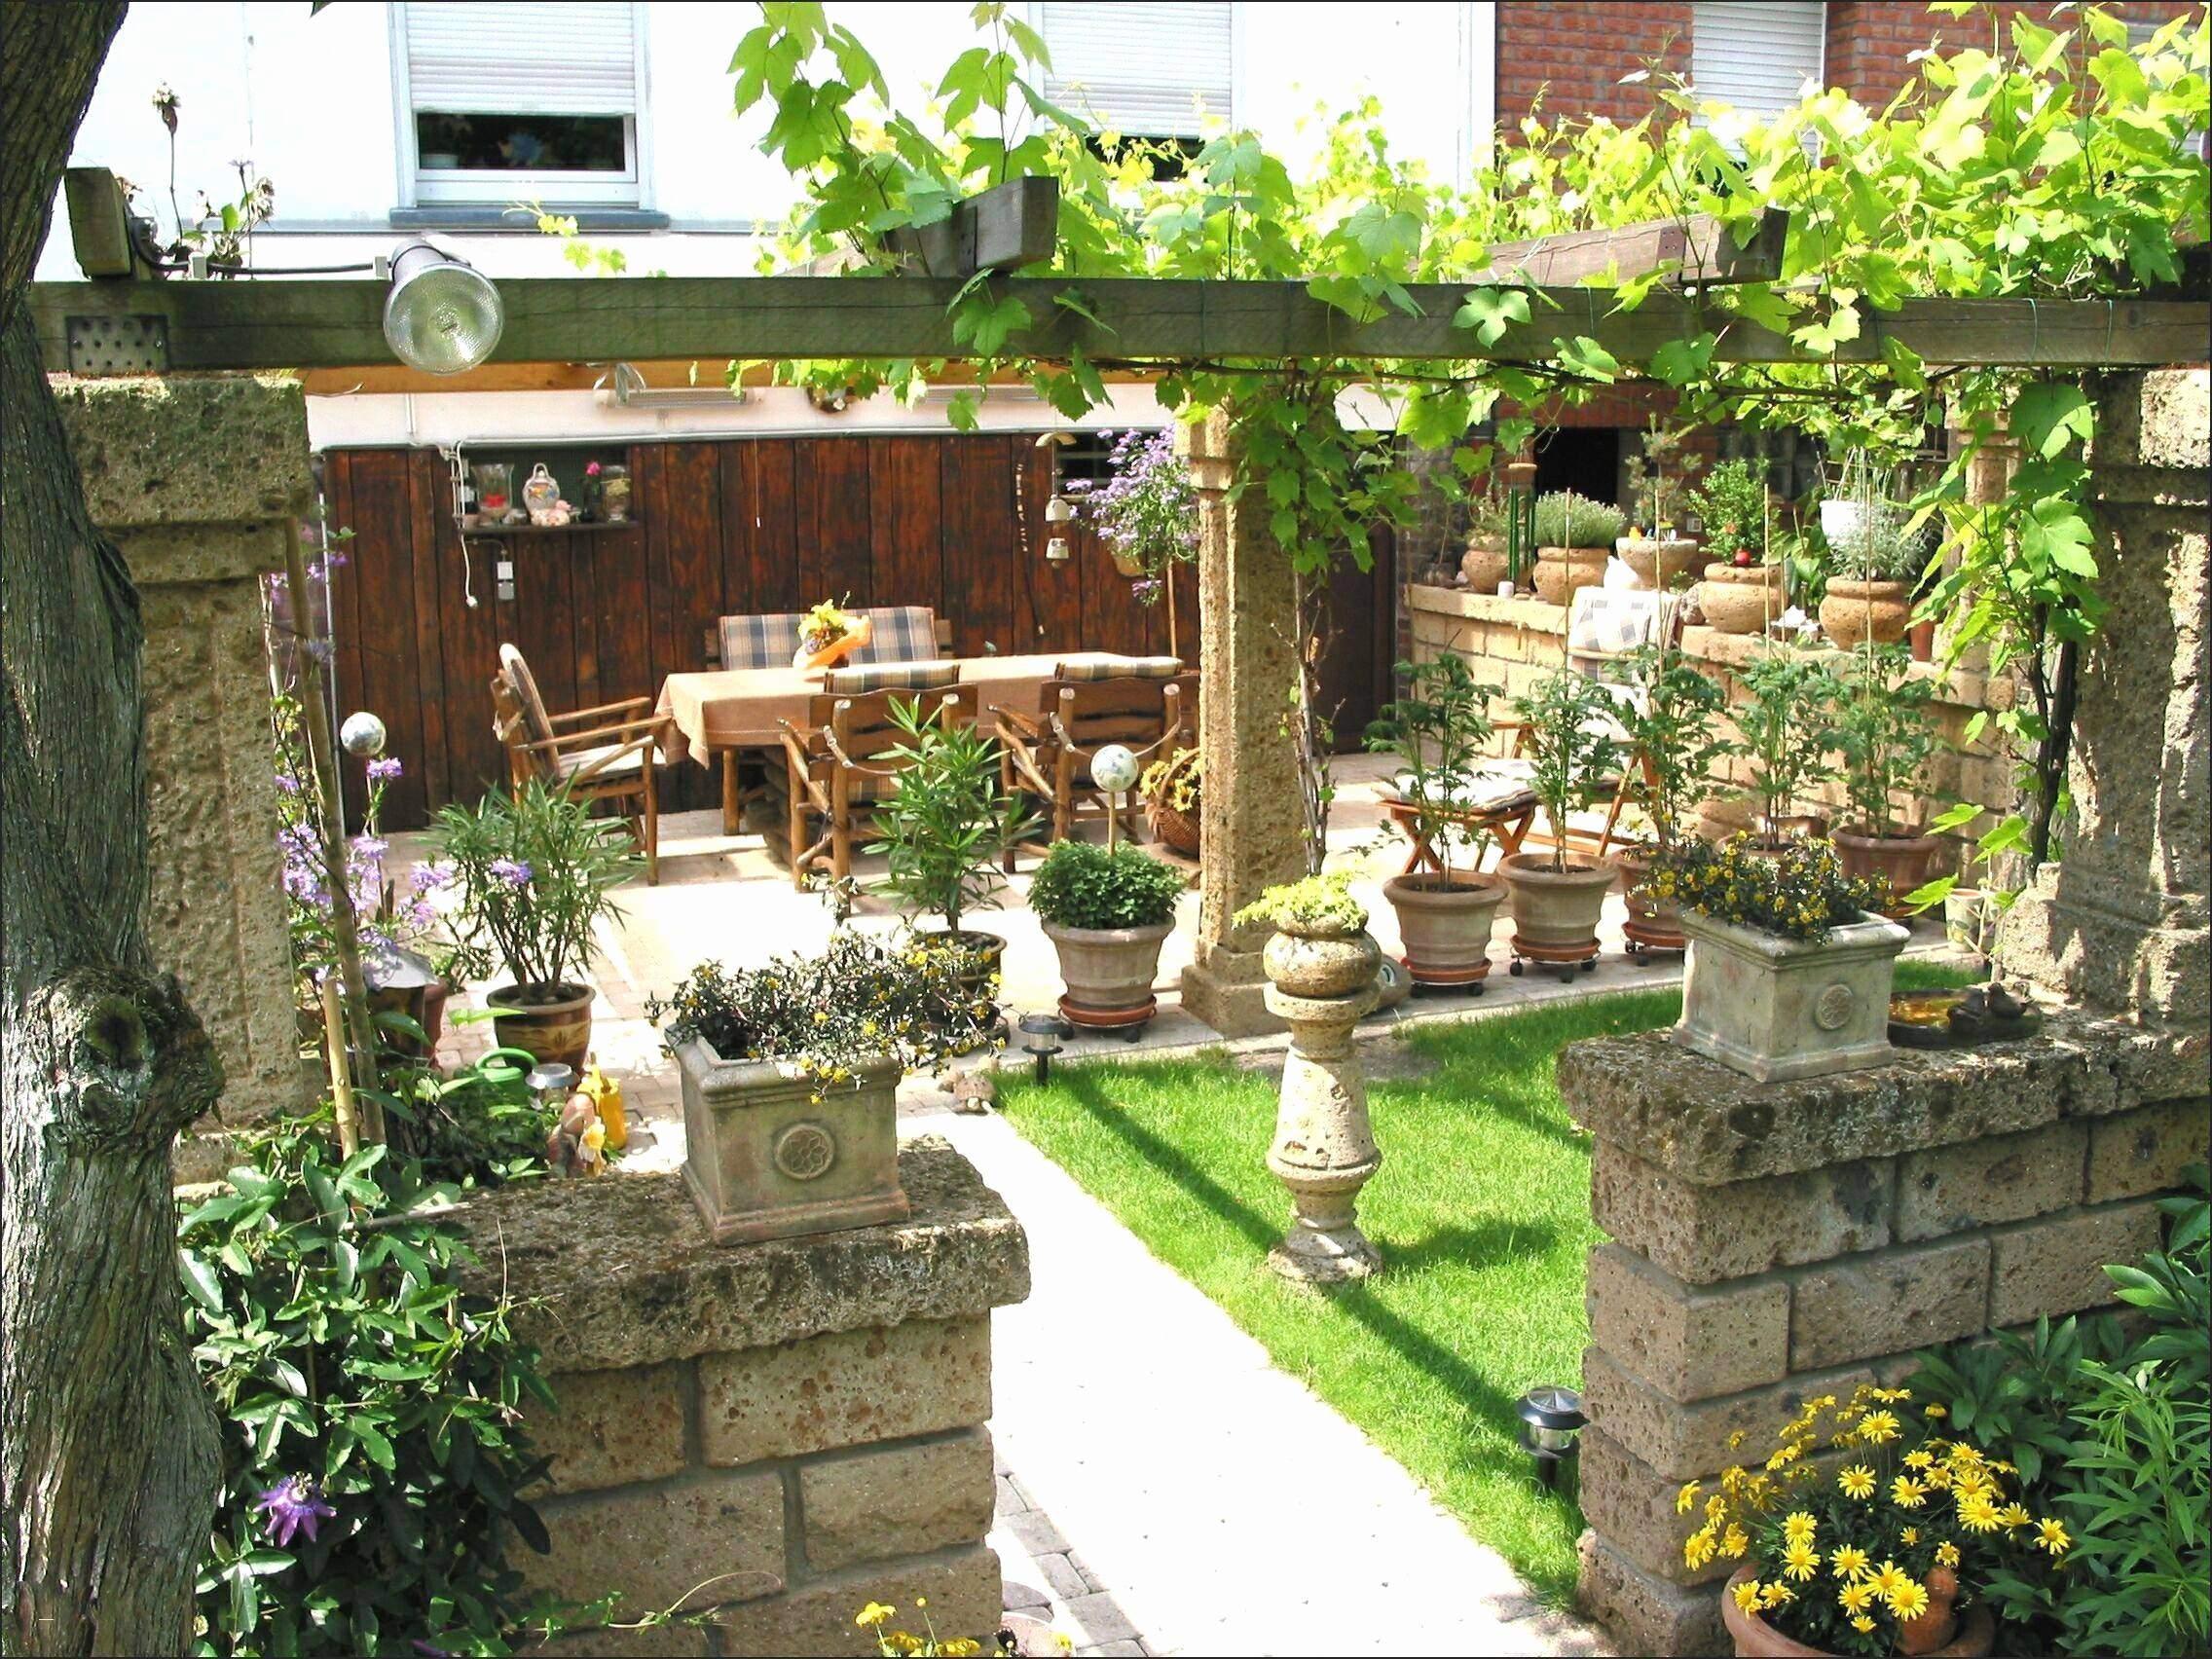 garten terrasse ideen schon 46 inspirierend terrassen beispiele garten of garten terrasse ideen